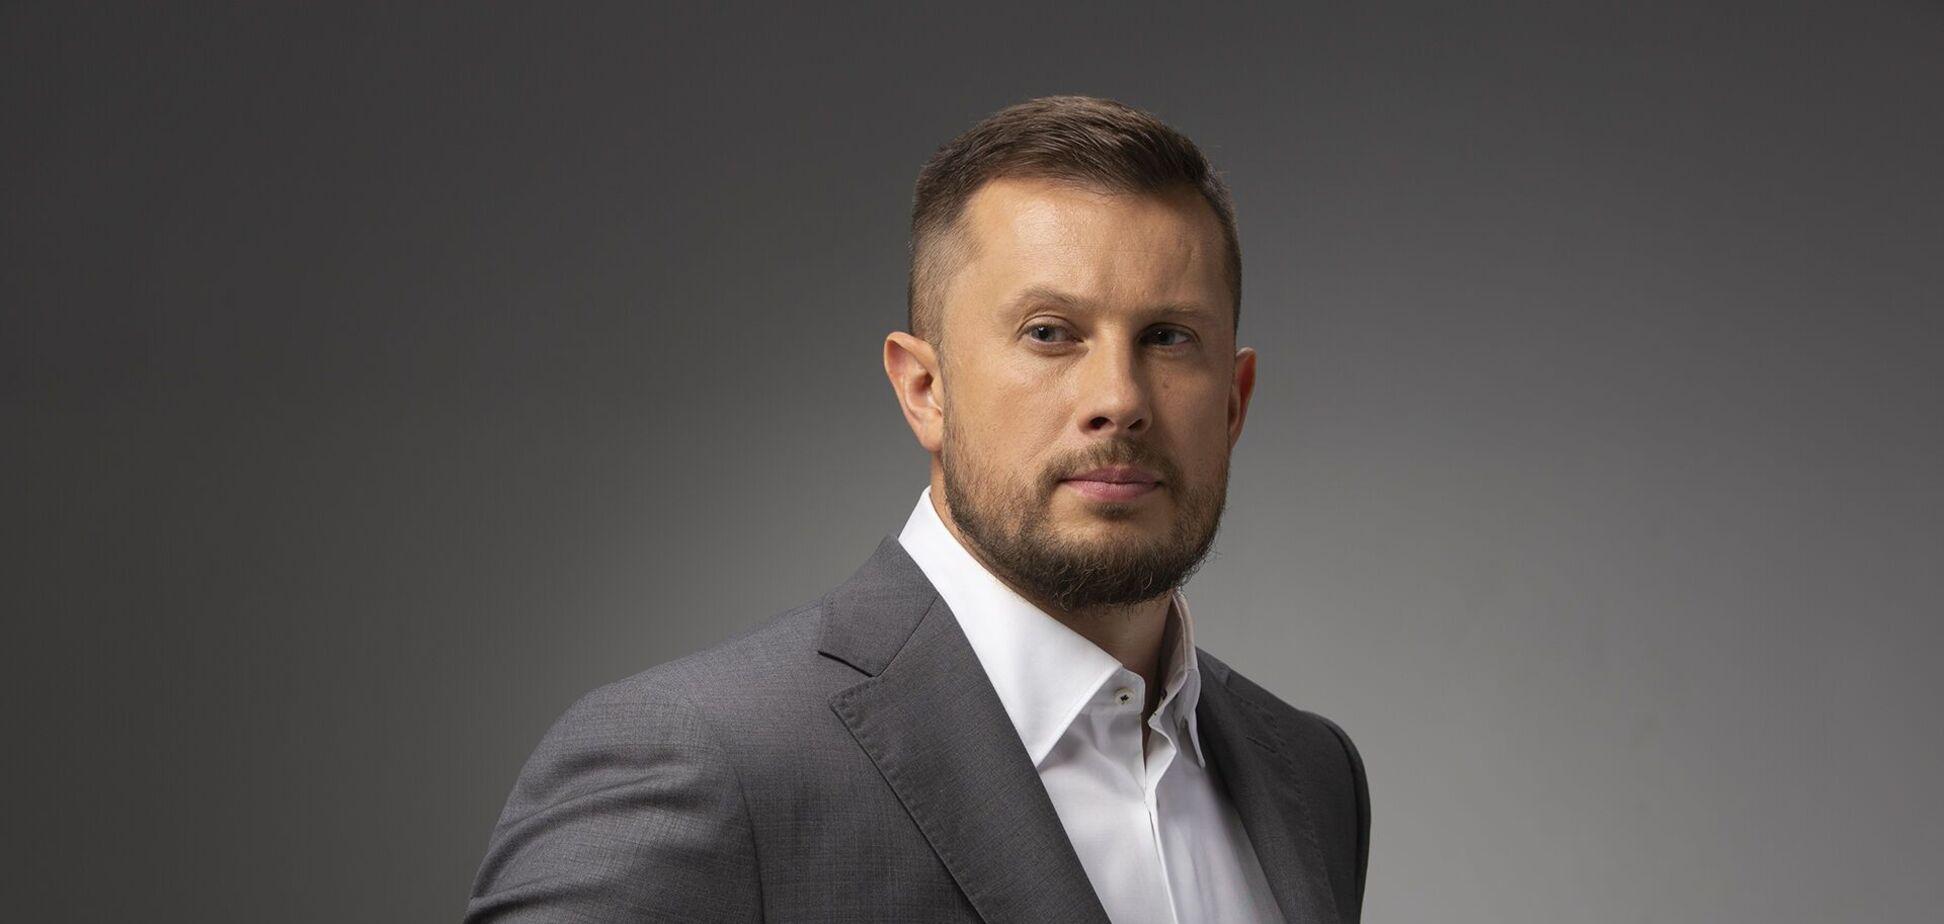 Білецький: Нацкорпус вимагає заборонити ОПЗЖ та ухвалити закон про колаборантів